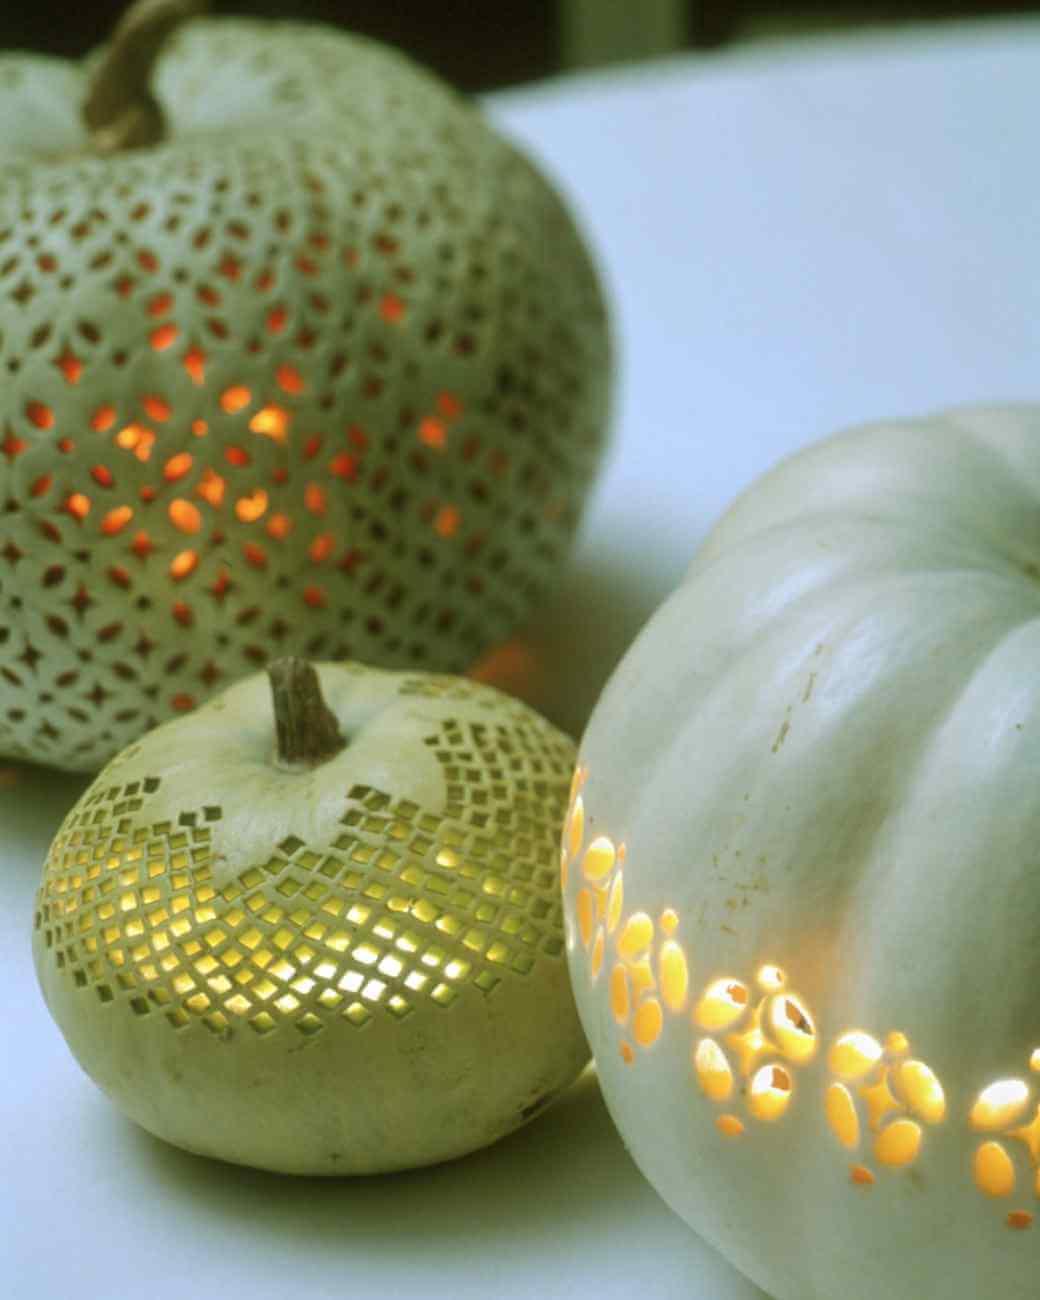 Lace Patterned Pumpkins